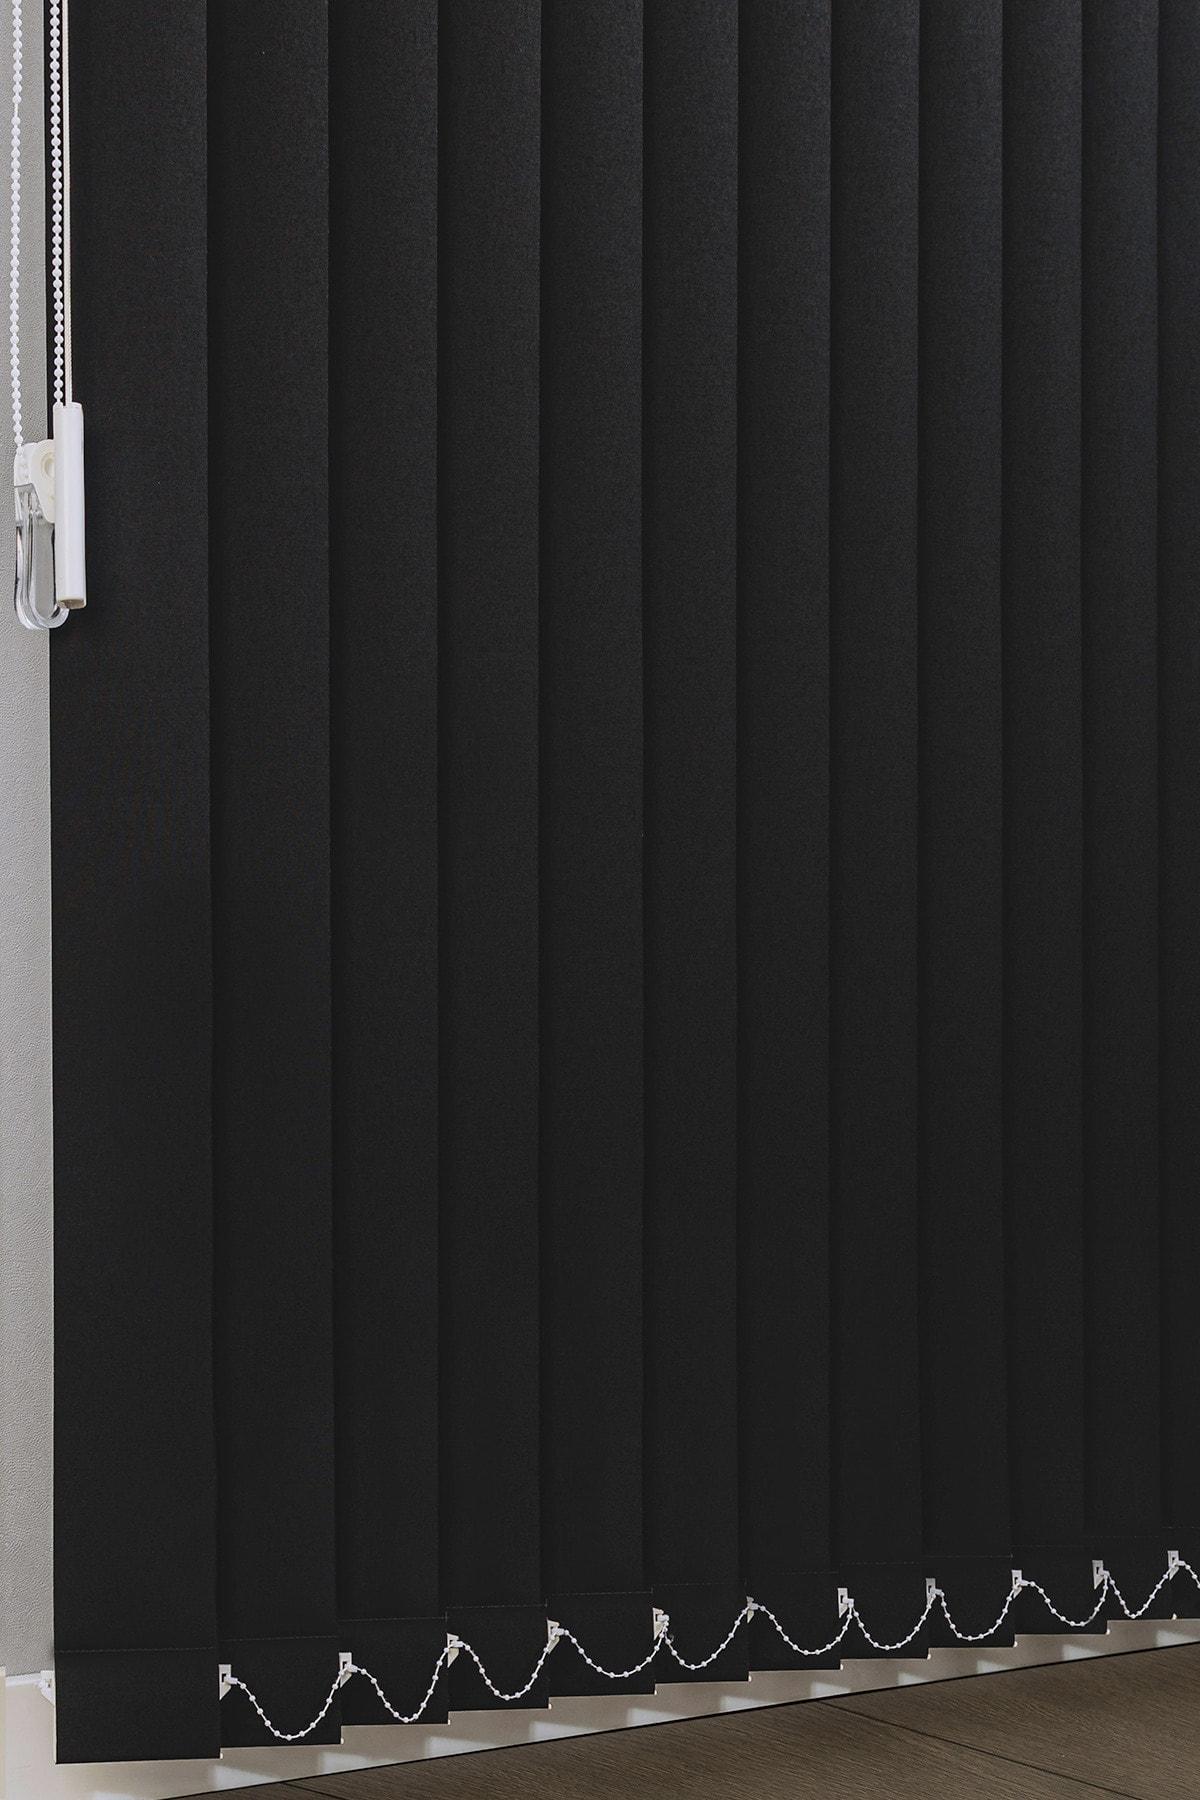 VENTİ PERDE Siyah Karartma Dikey Stor Perde Işık Geçirmez Blackout Perde 2